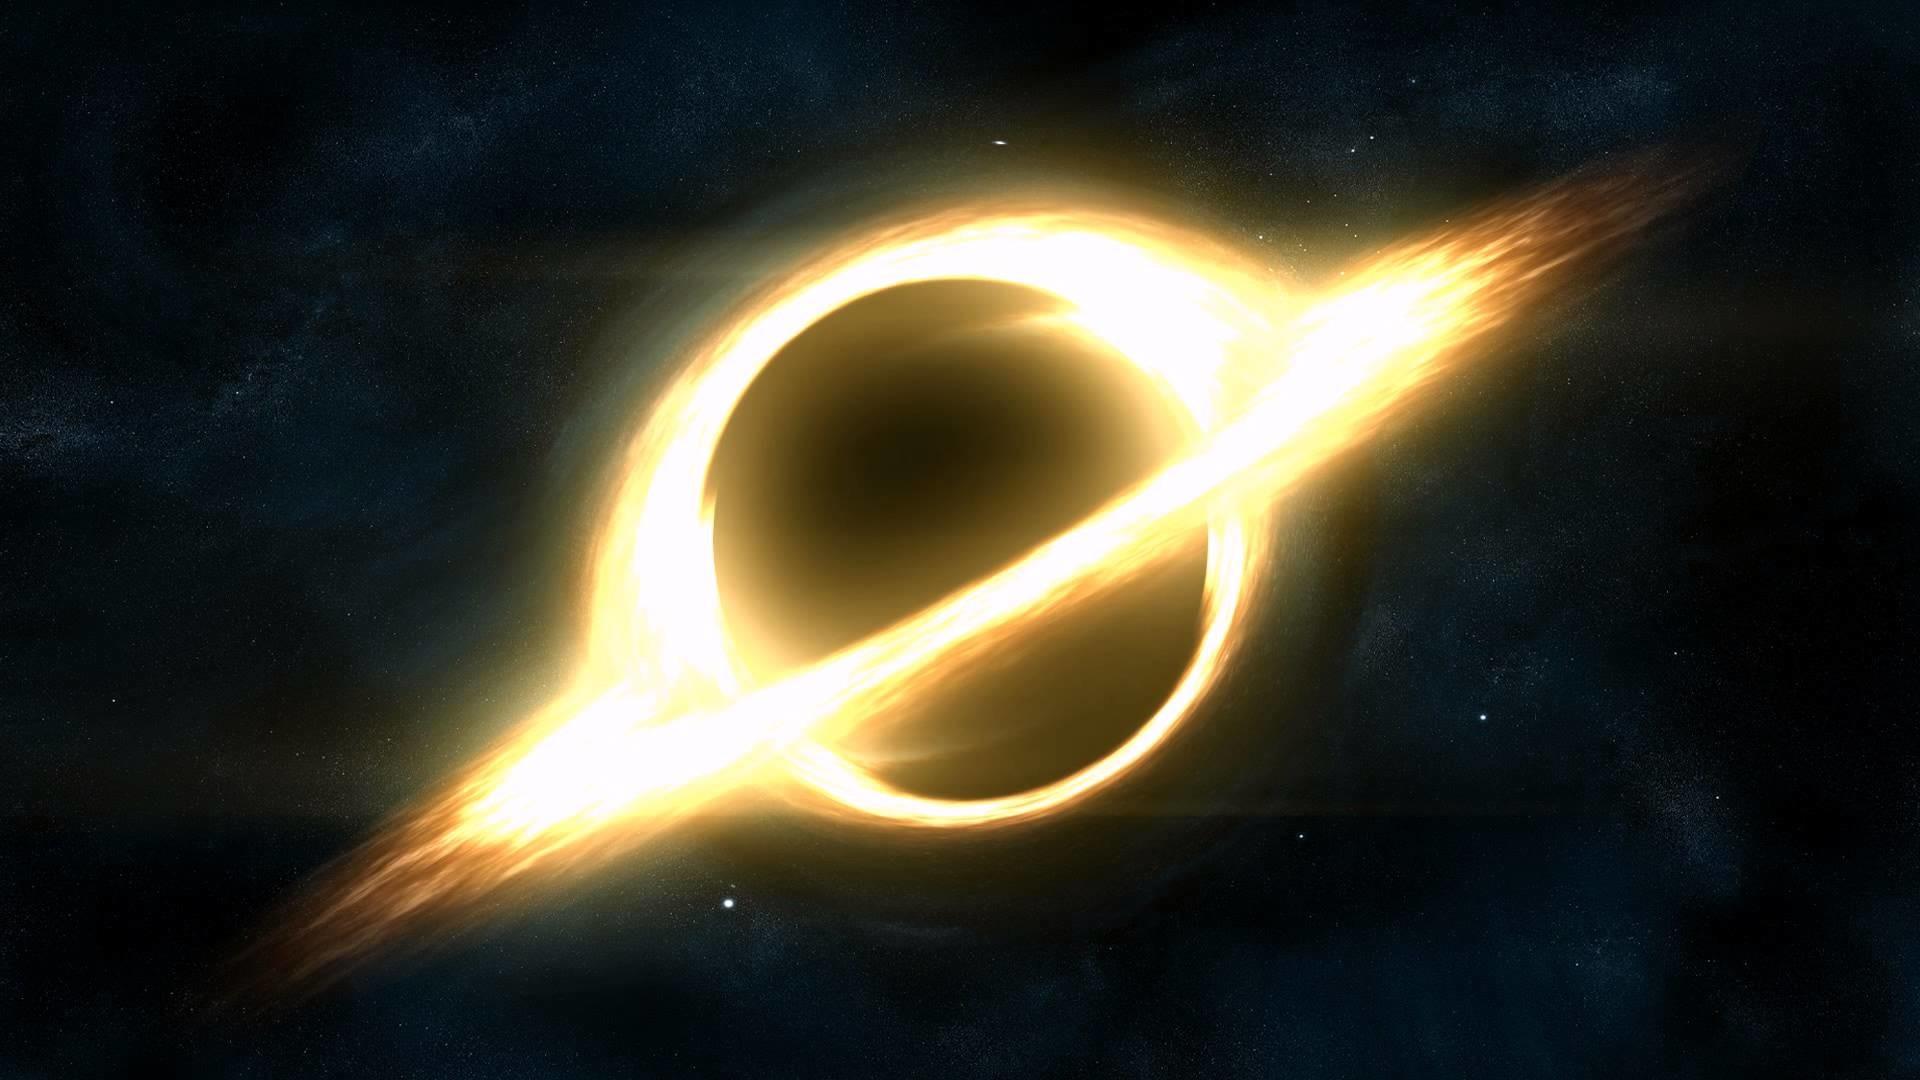 Interstellar Gargantua Wallpaper (73+ images)